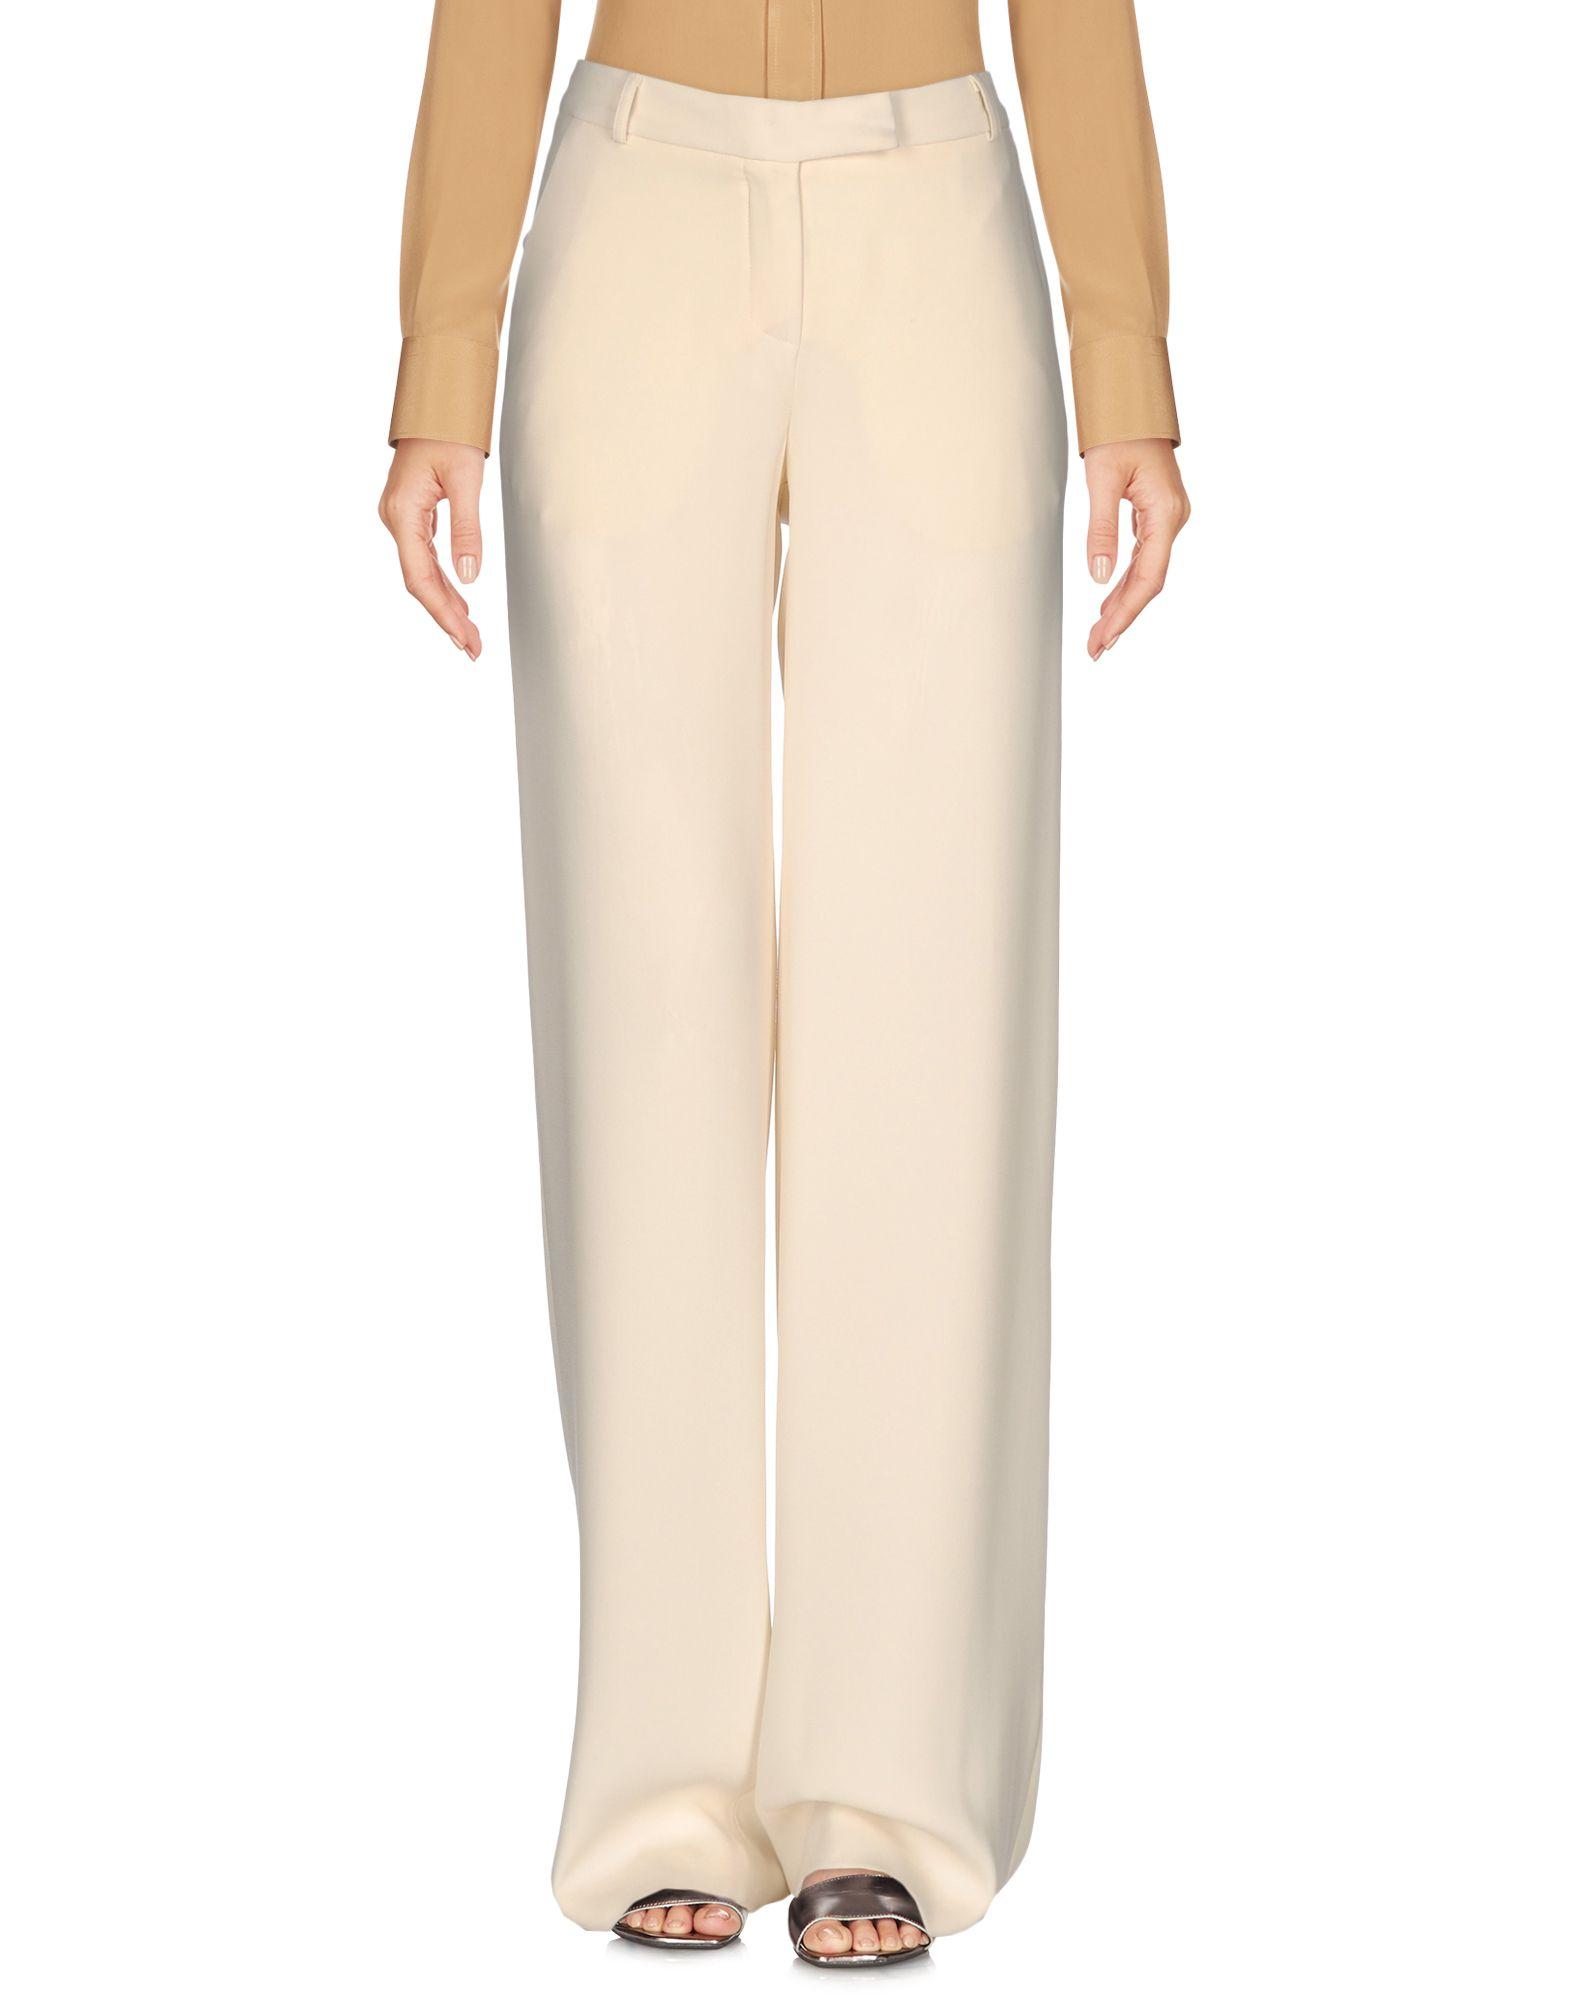 MIGUEL PALACIO for HOSS INTROPIA Повседневные брюки